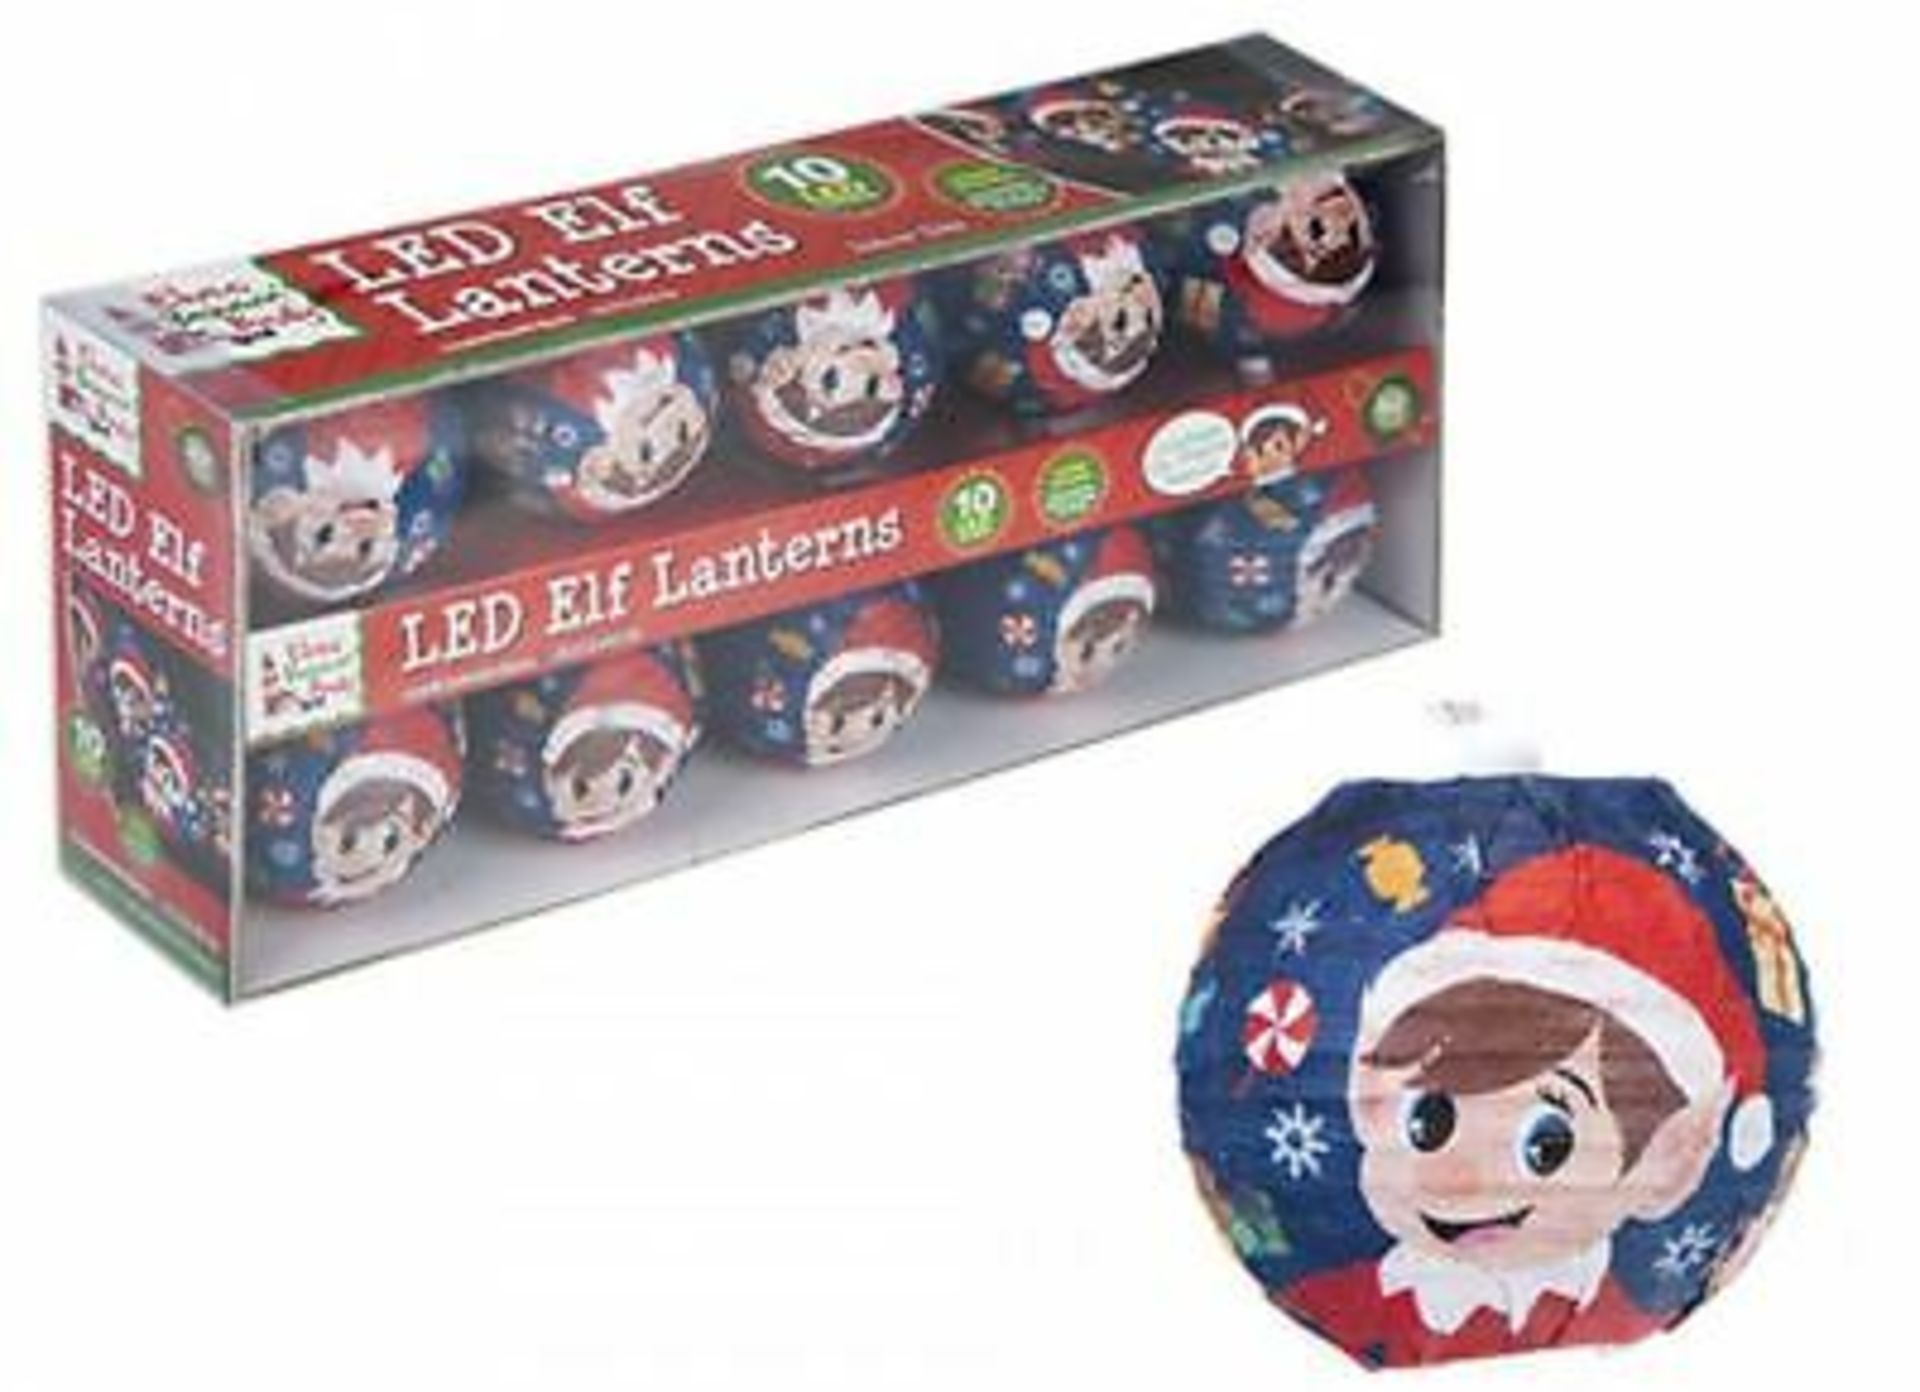 Lot 18078 - V Brand New 10 LED Elf Lantern Christmas Lights